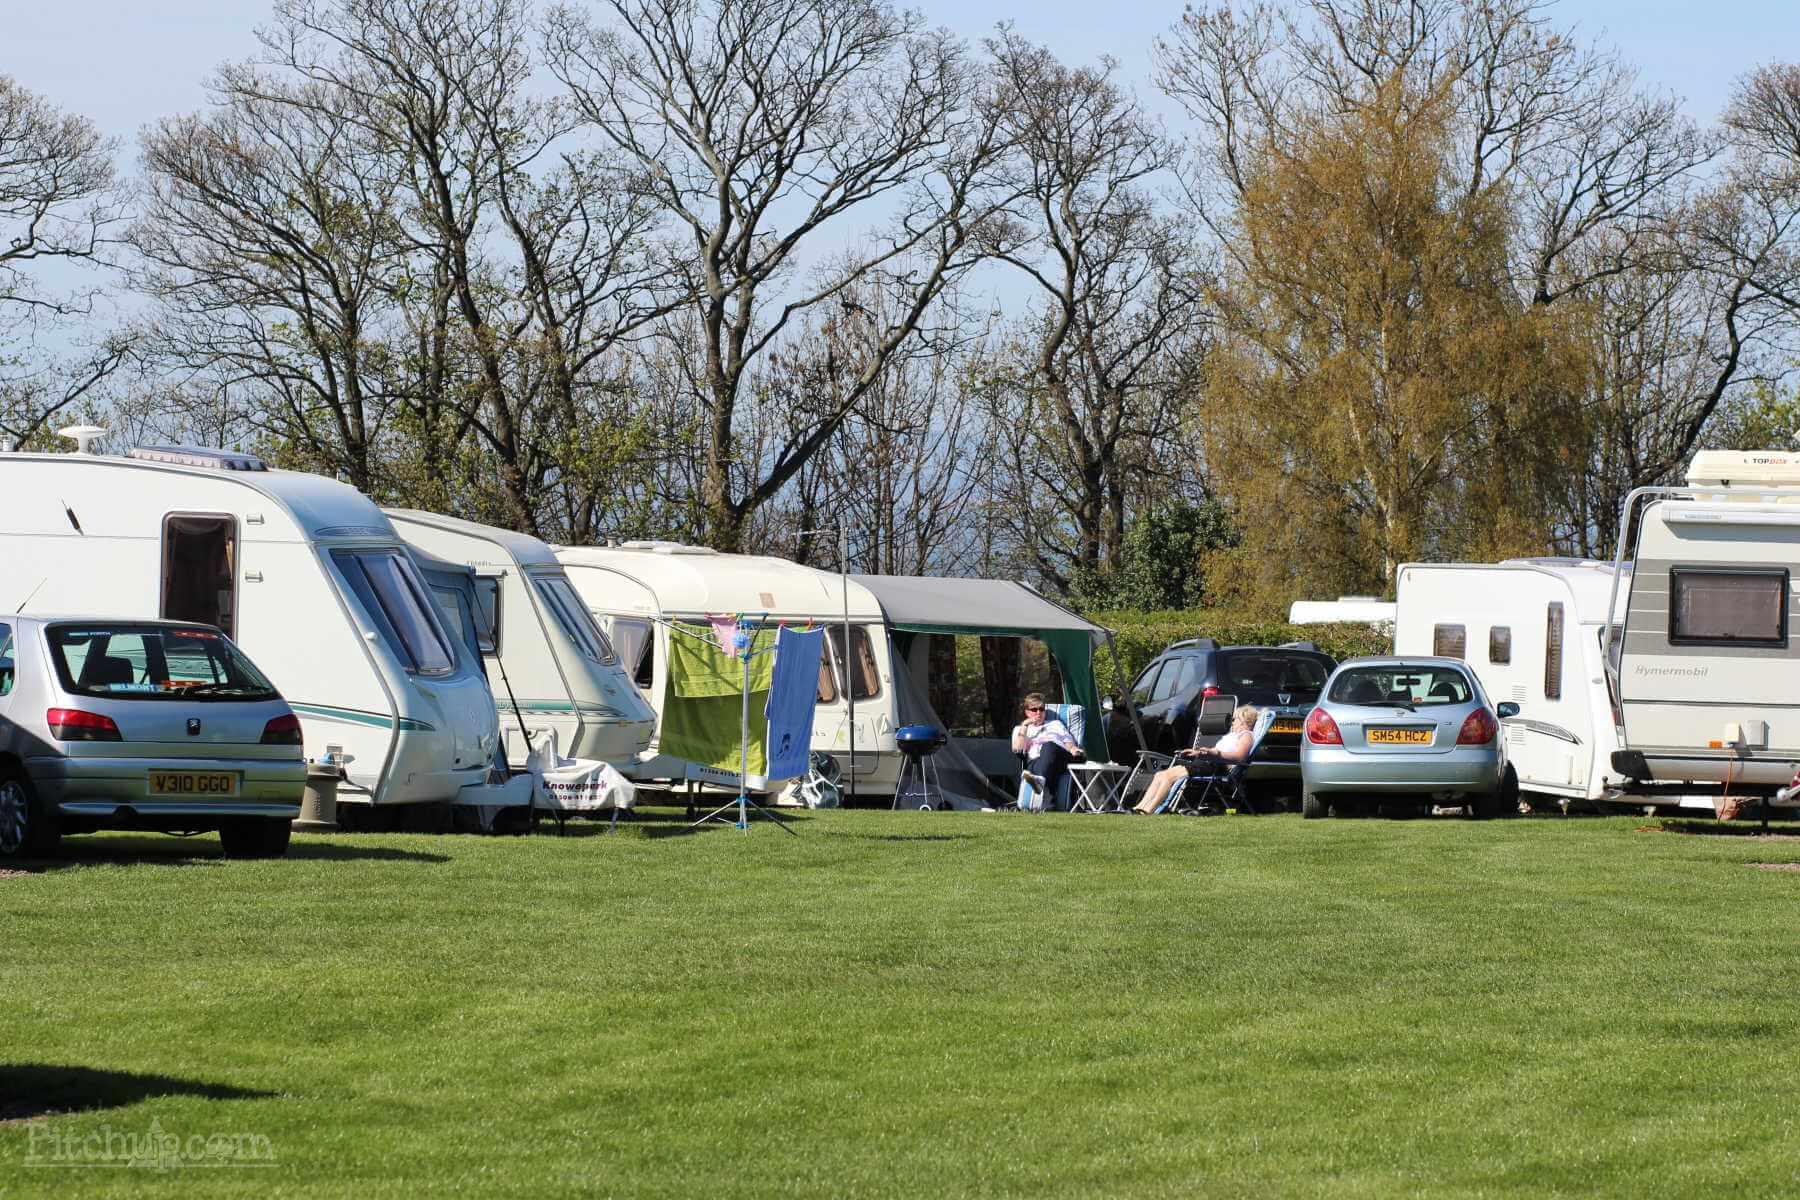 Buckhurst campsite